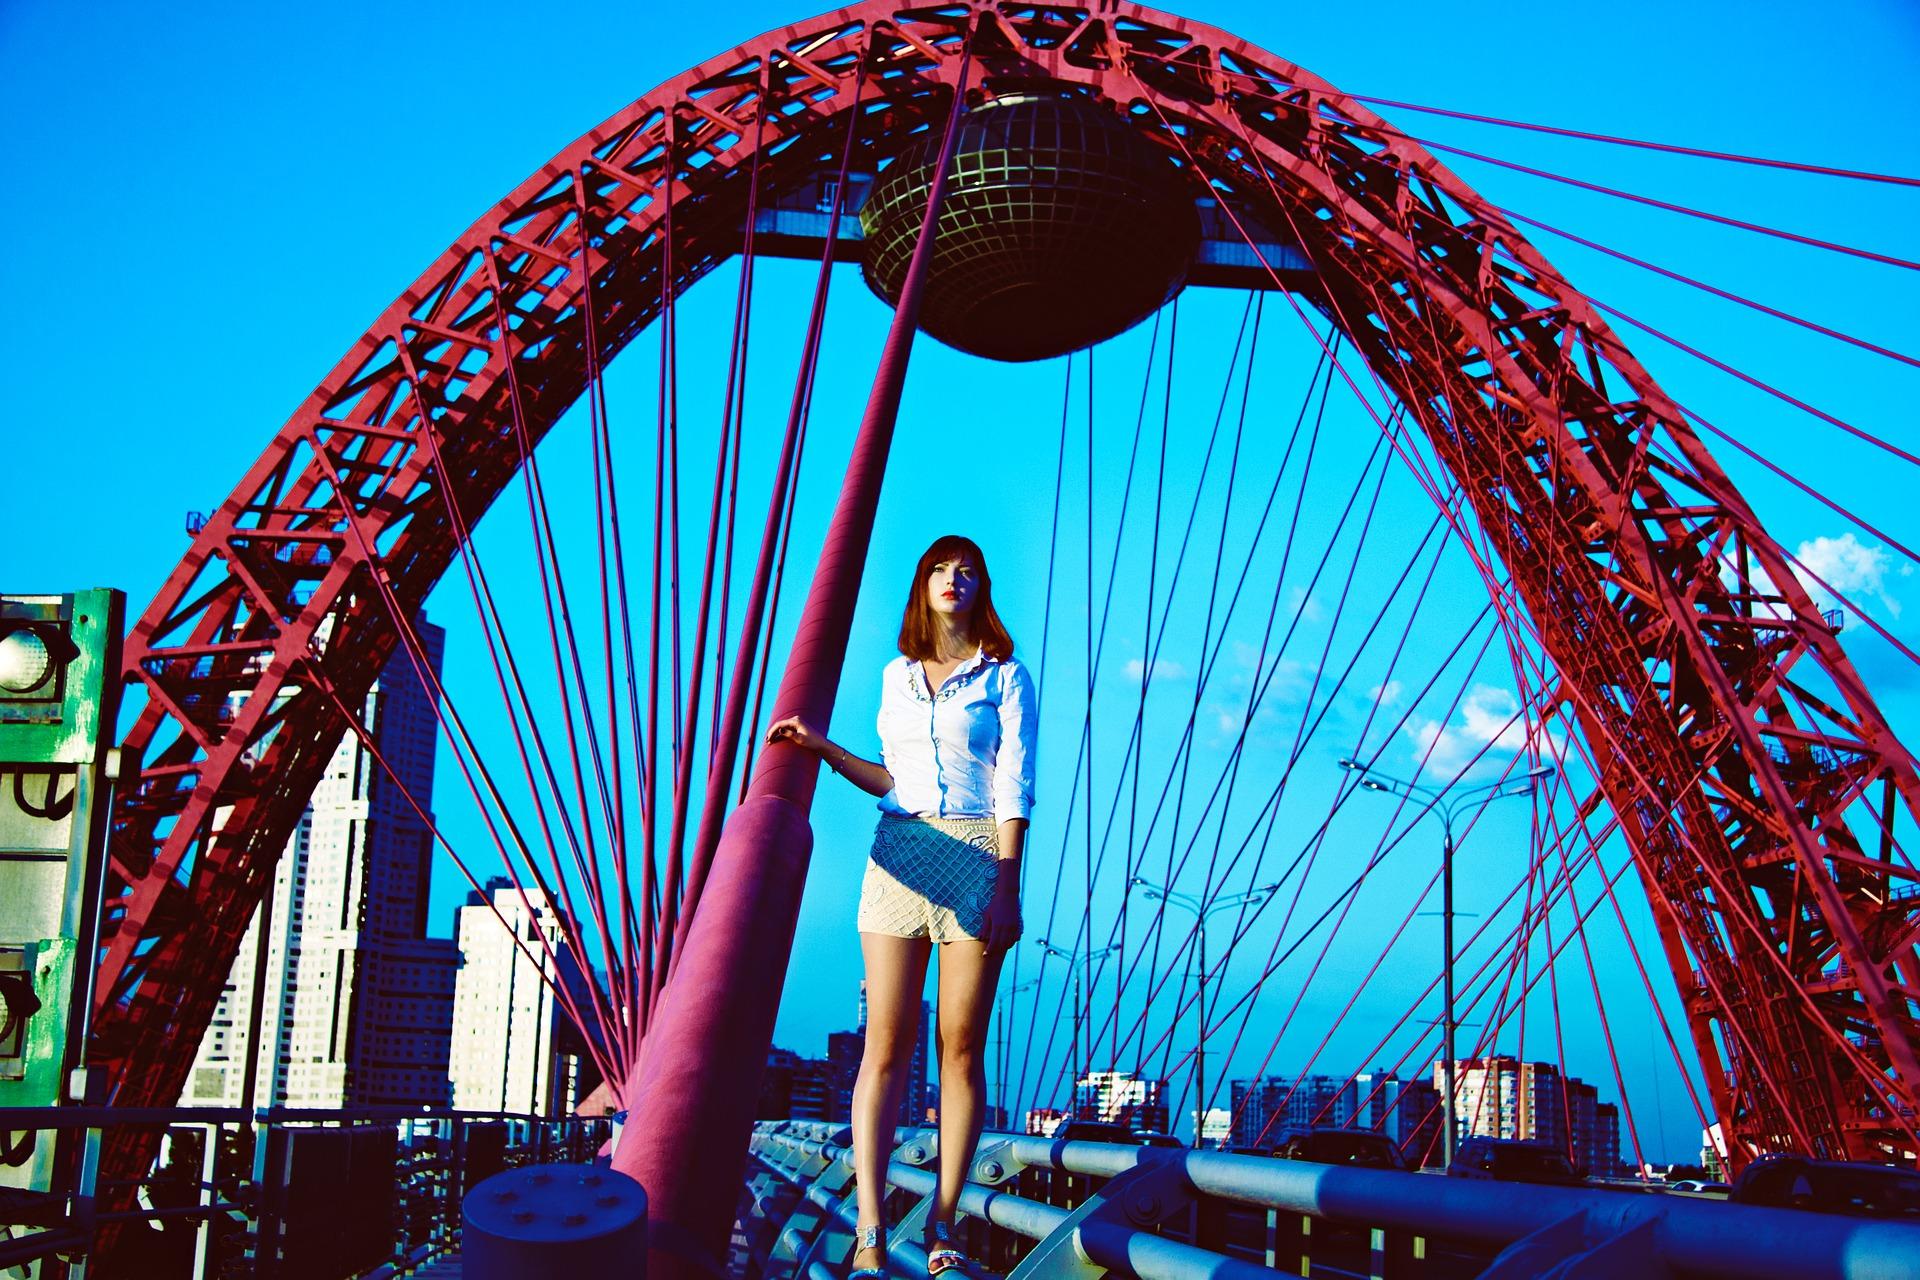 Photoshoot on the picturesque bridge